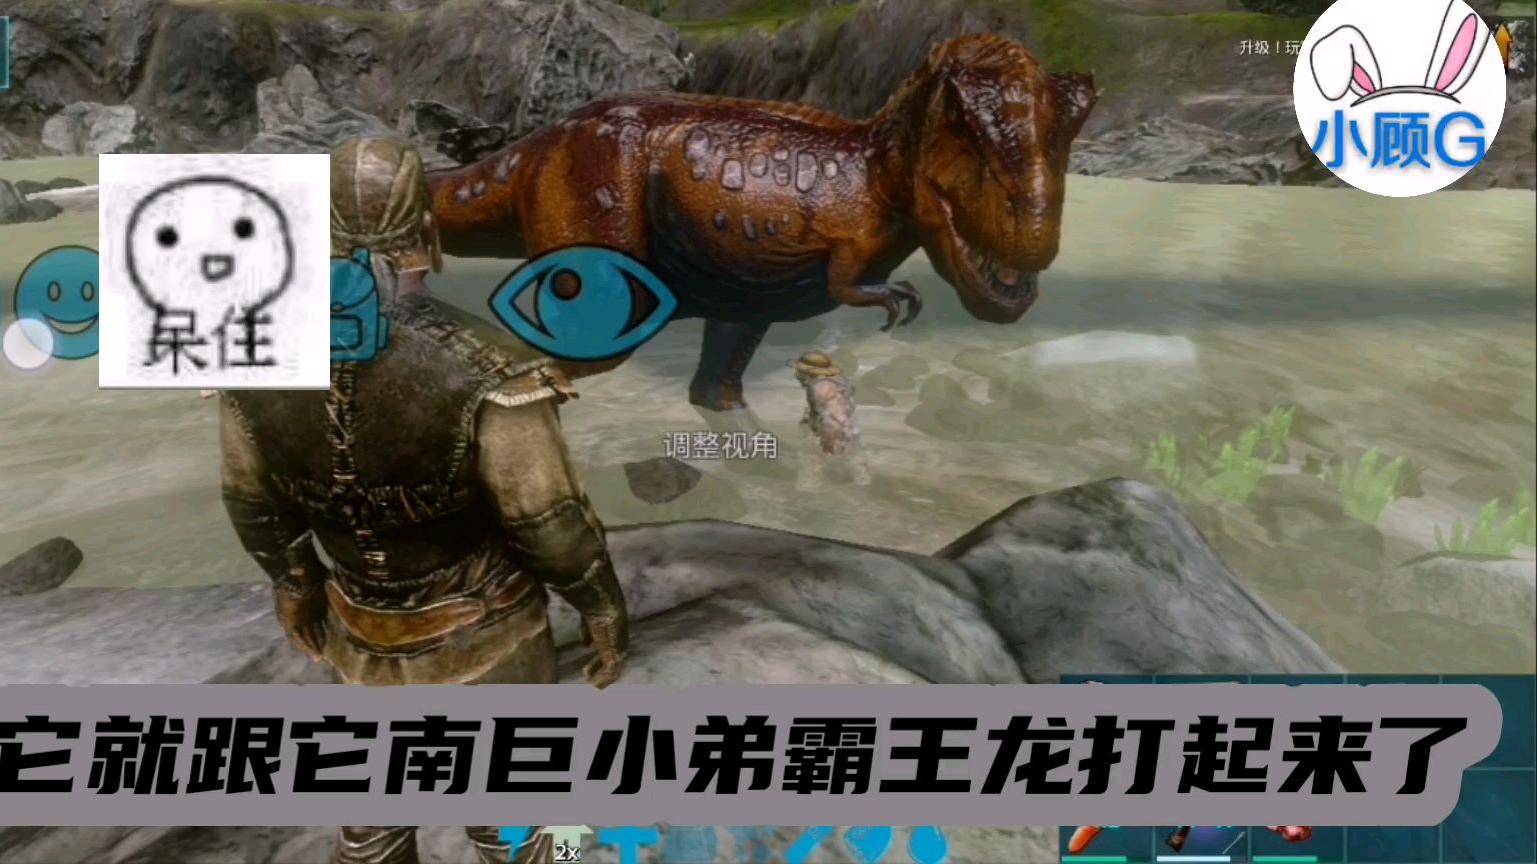 【小顾G解说】方舟生存进化一拳超猴惨死在南巨手里